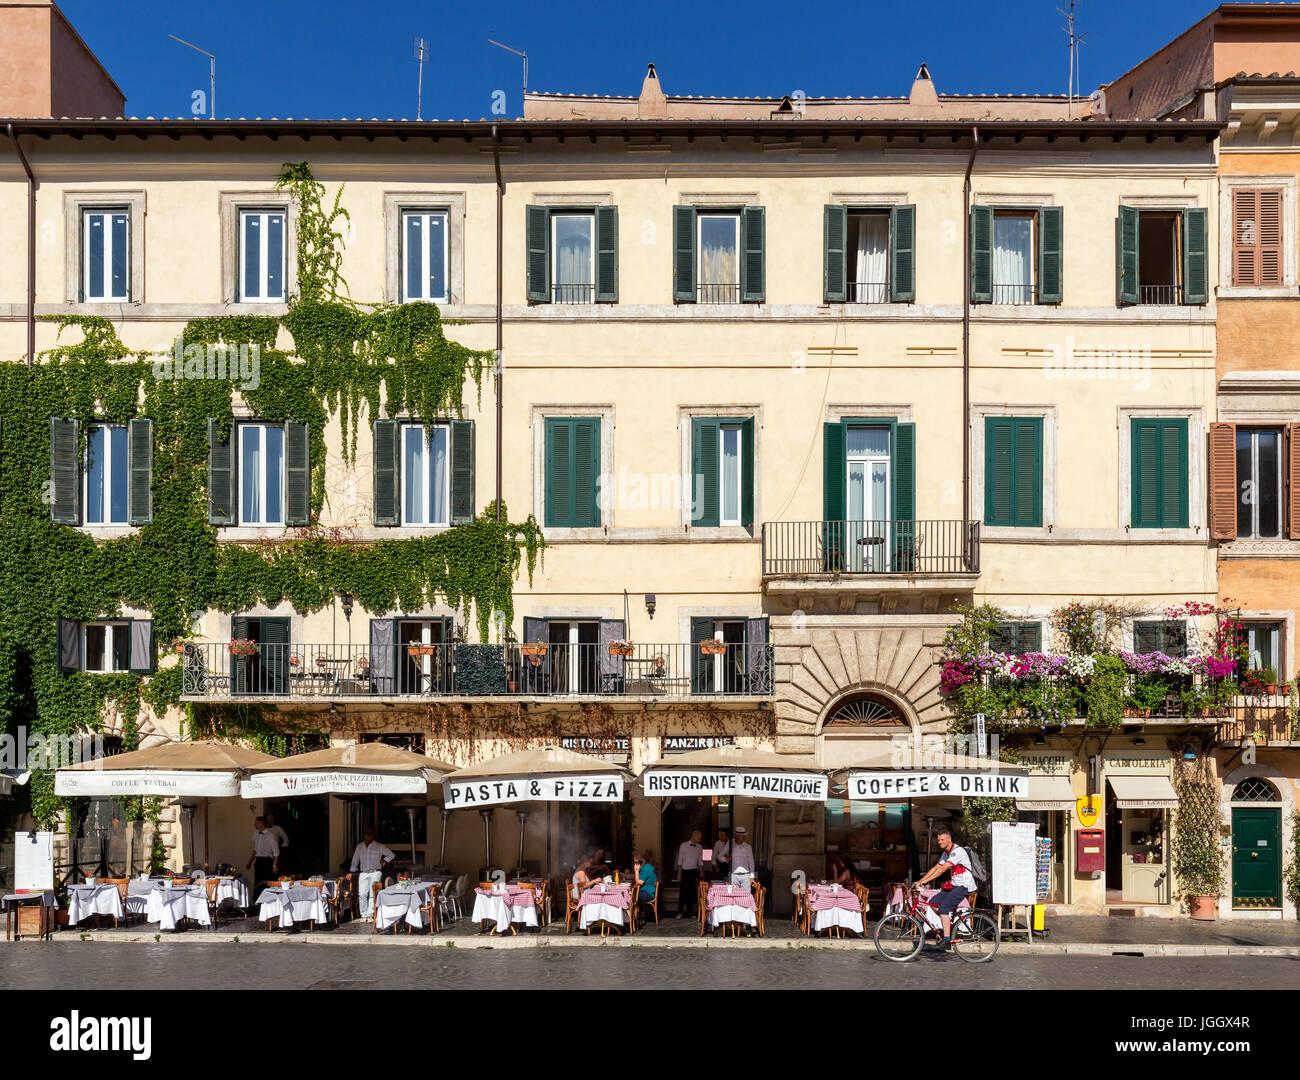 Ristorante Panzirone, Piazza Navona, Roma, lazio, Italy Immagini Stock